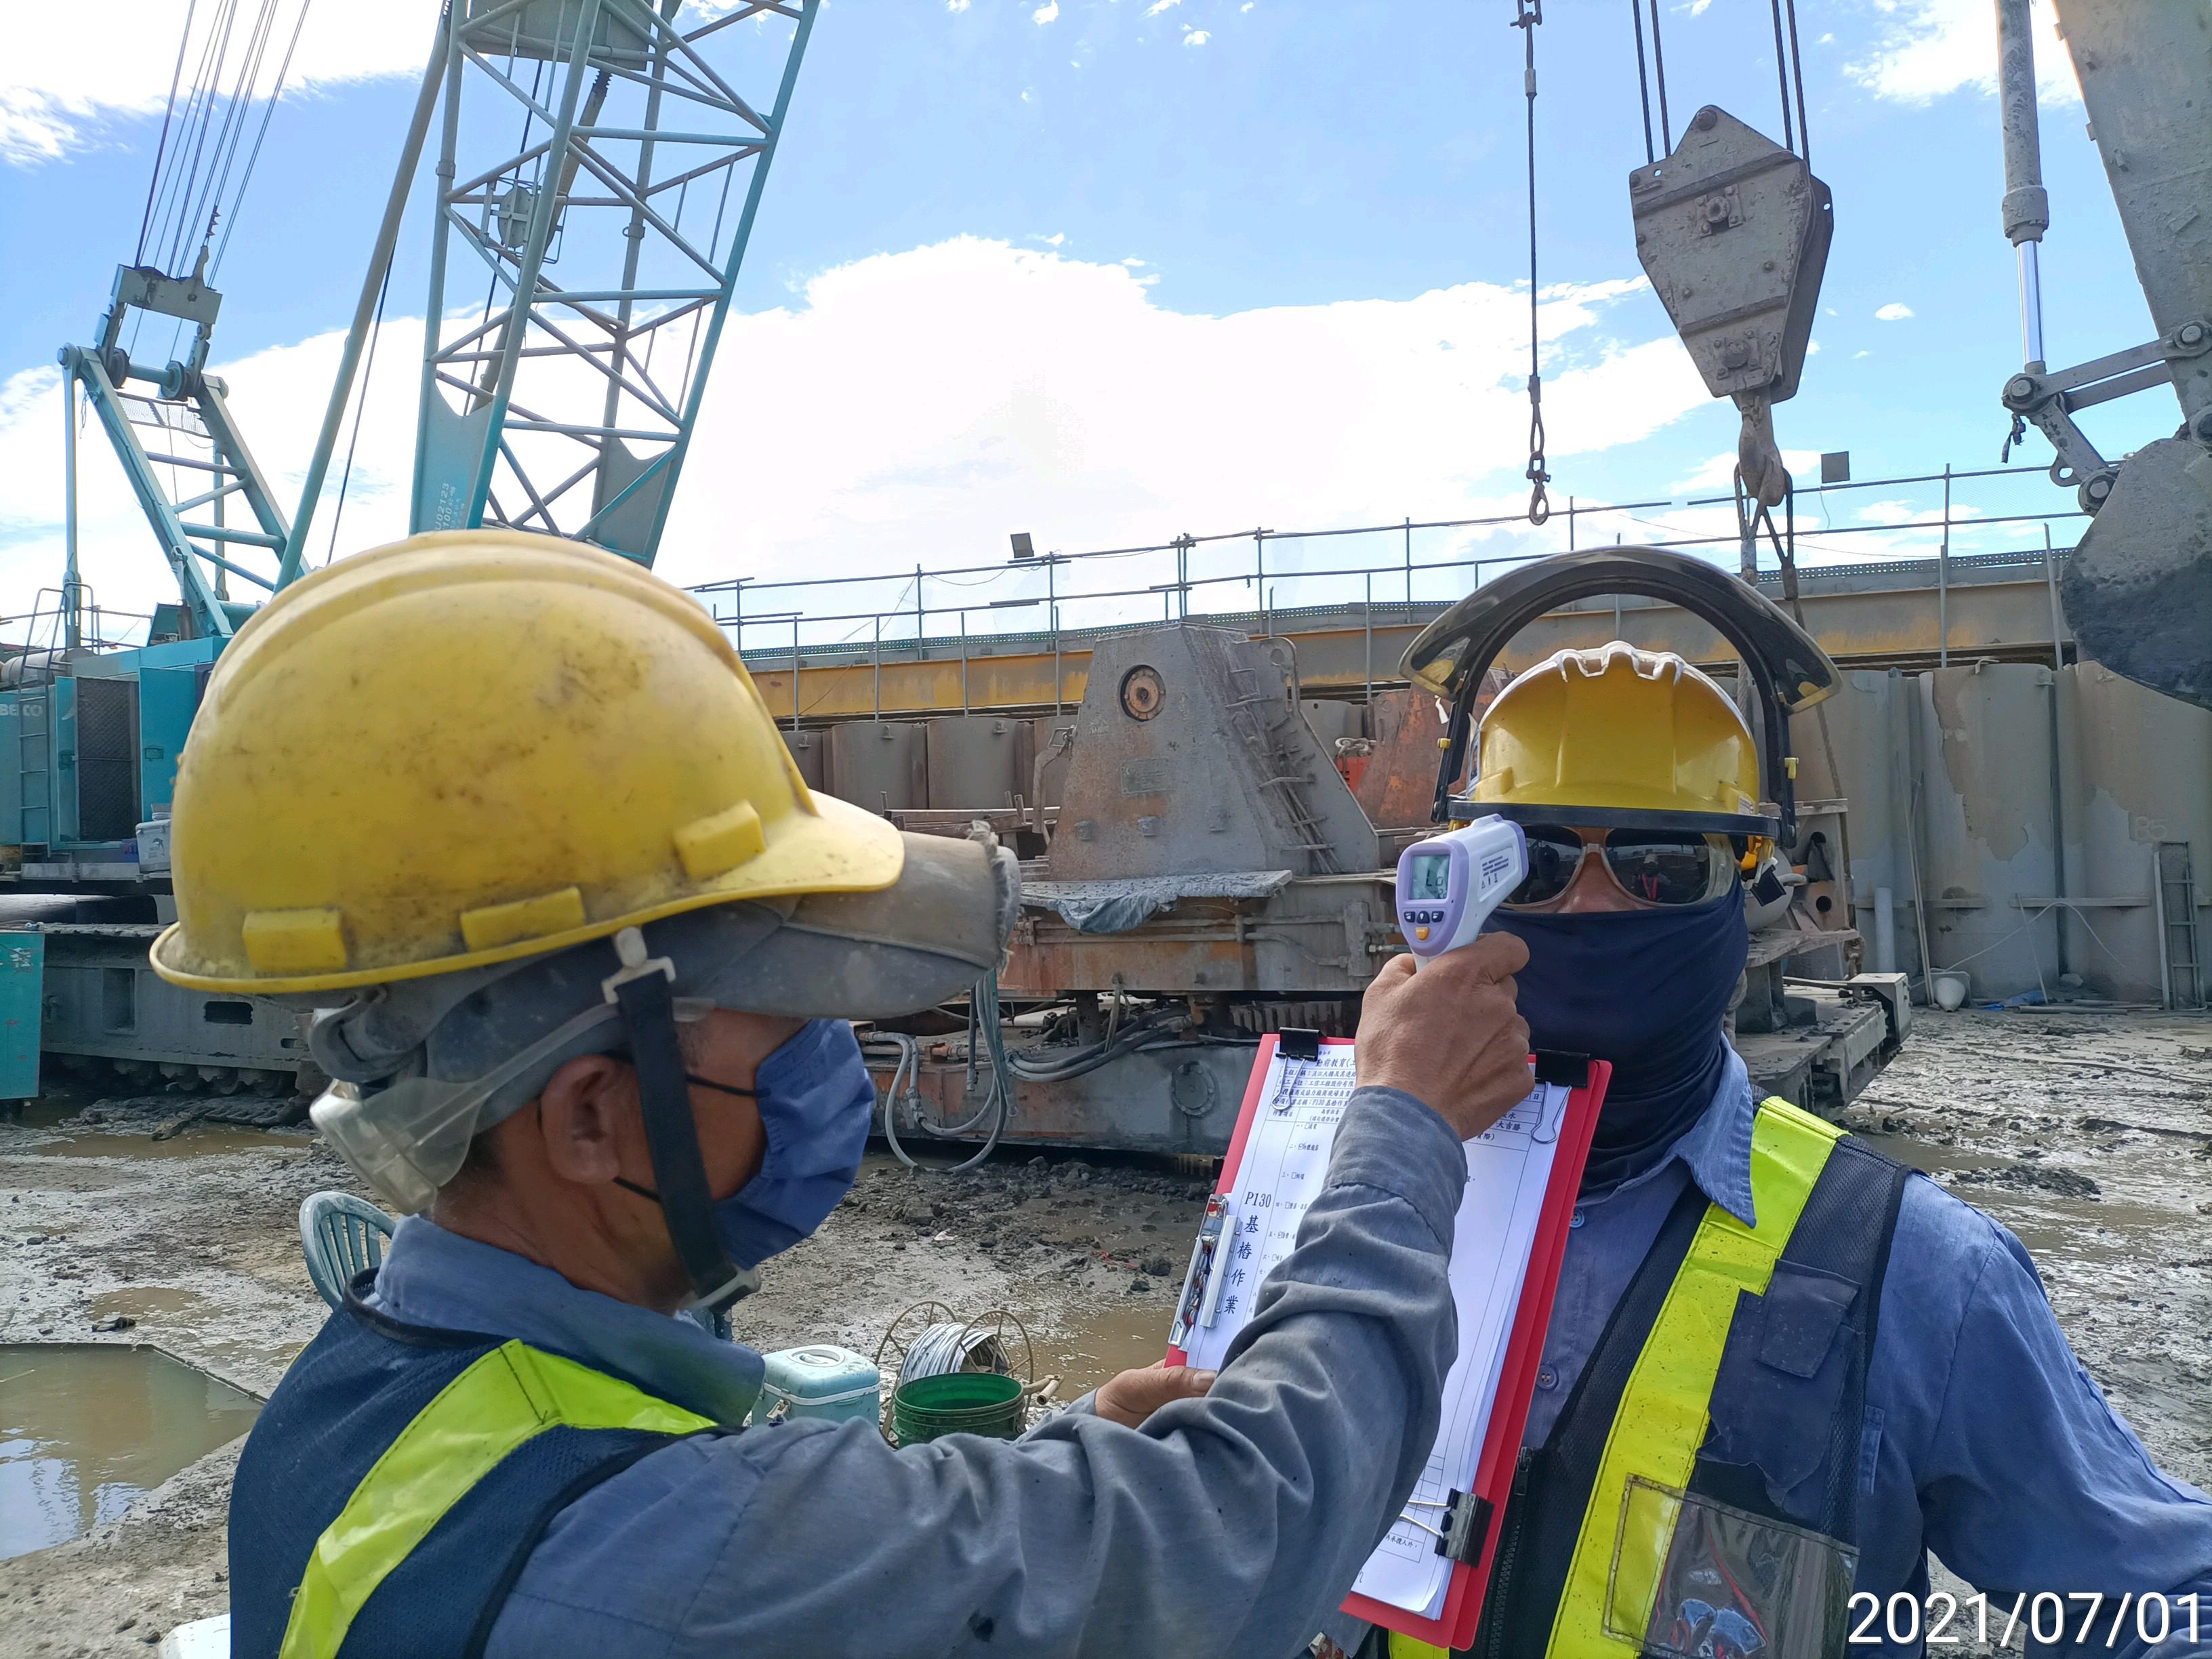 工作人員上工前實施體溫量測作業.